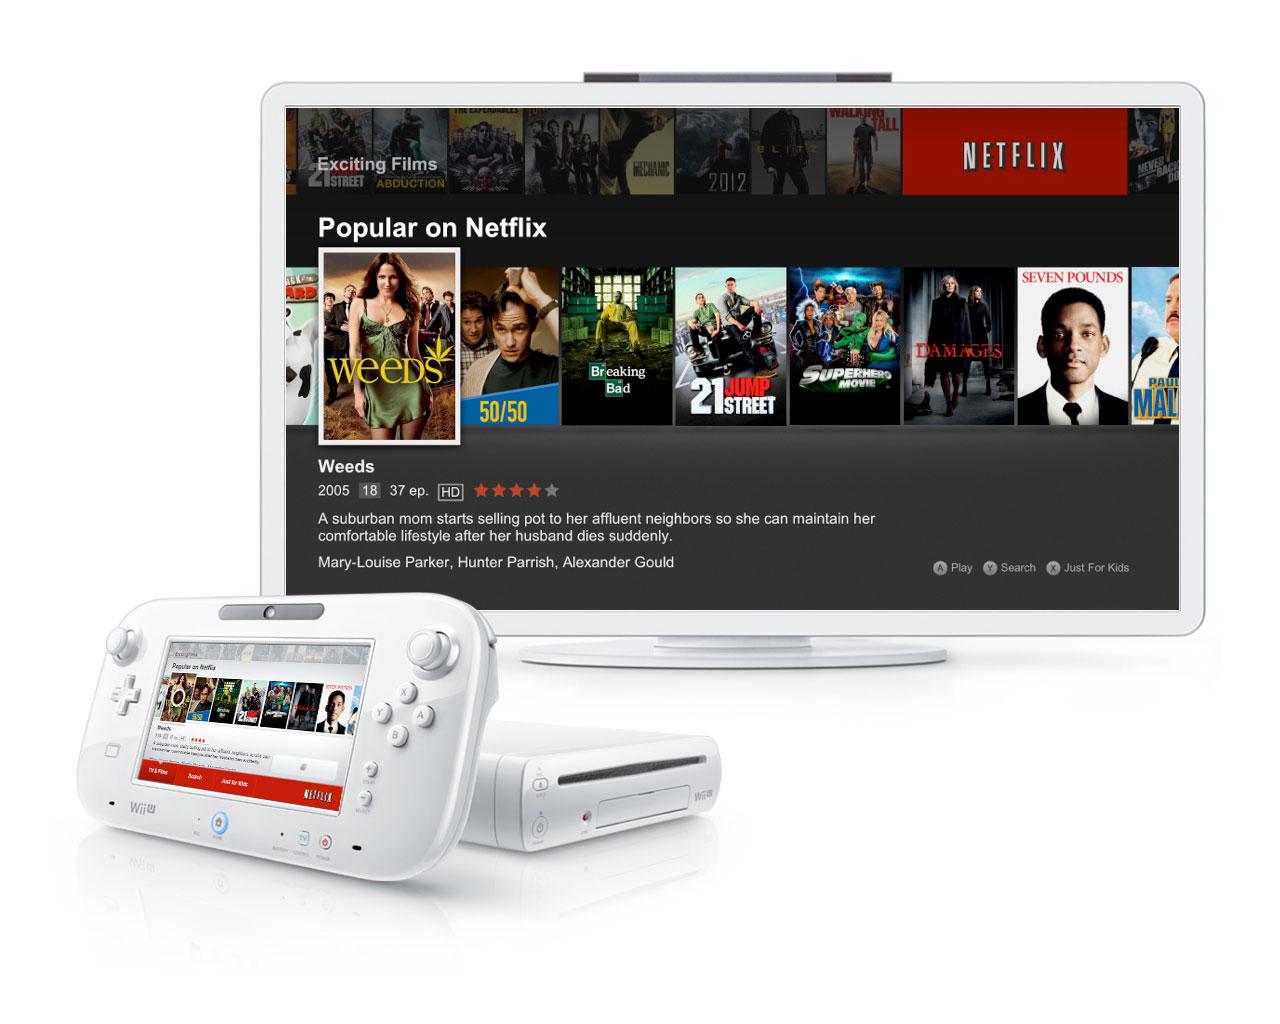 Netflix - Wikipedia, the free.